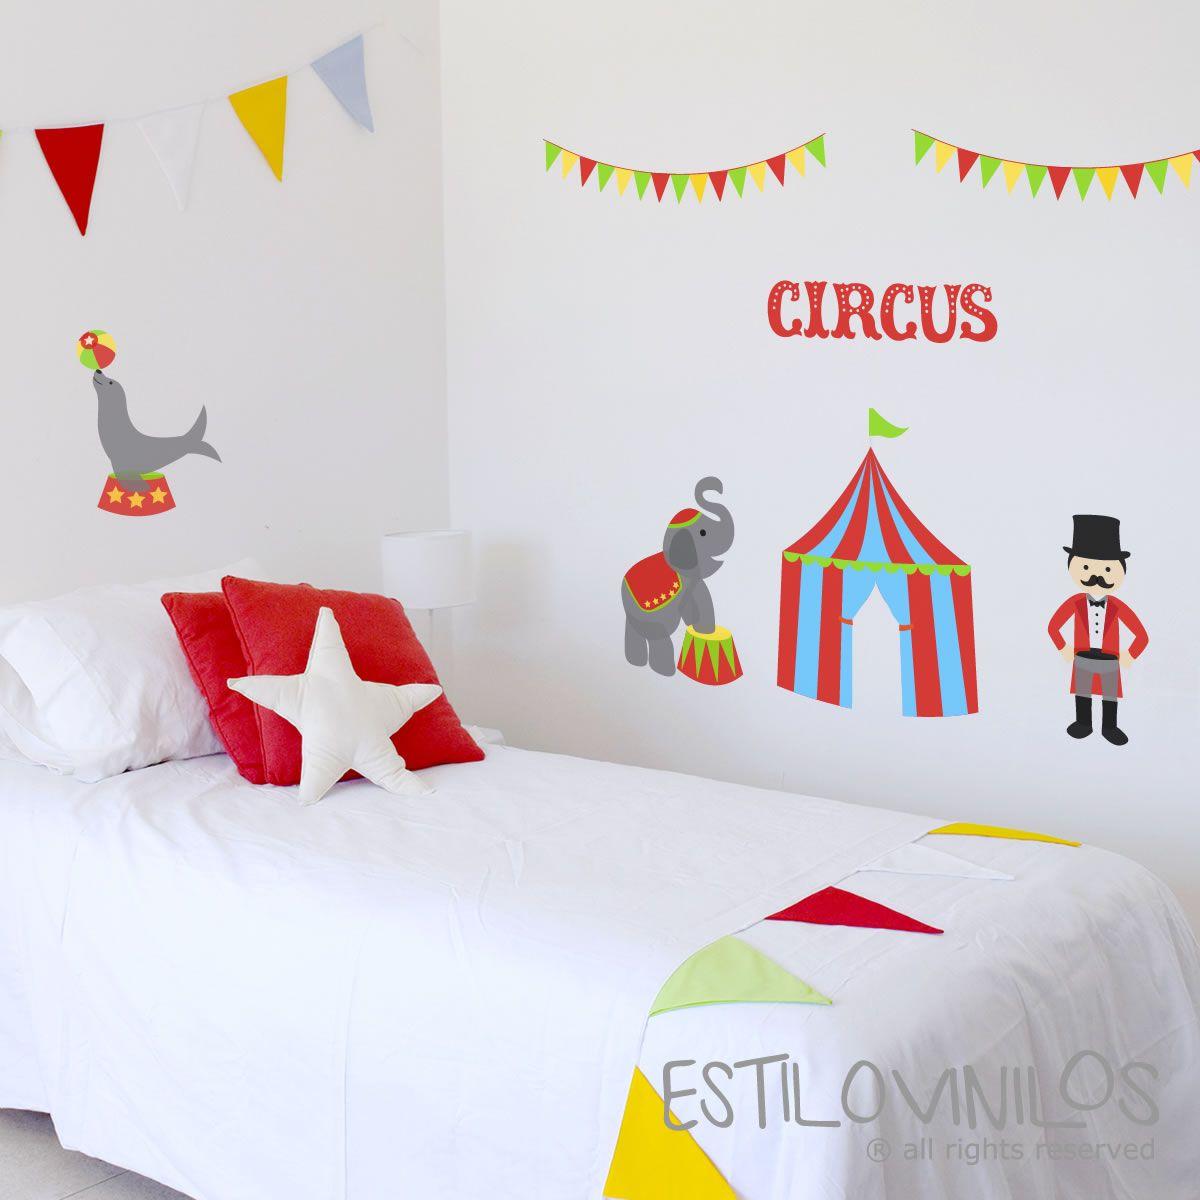 Vinilo Circo Casa Pinterest # Muebles Nieto Andujar